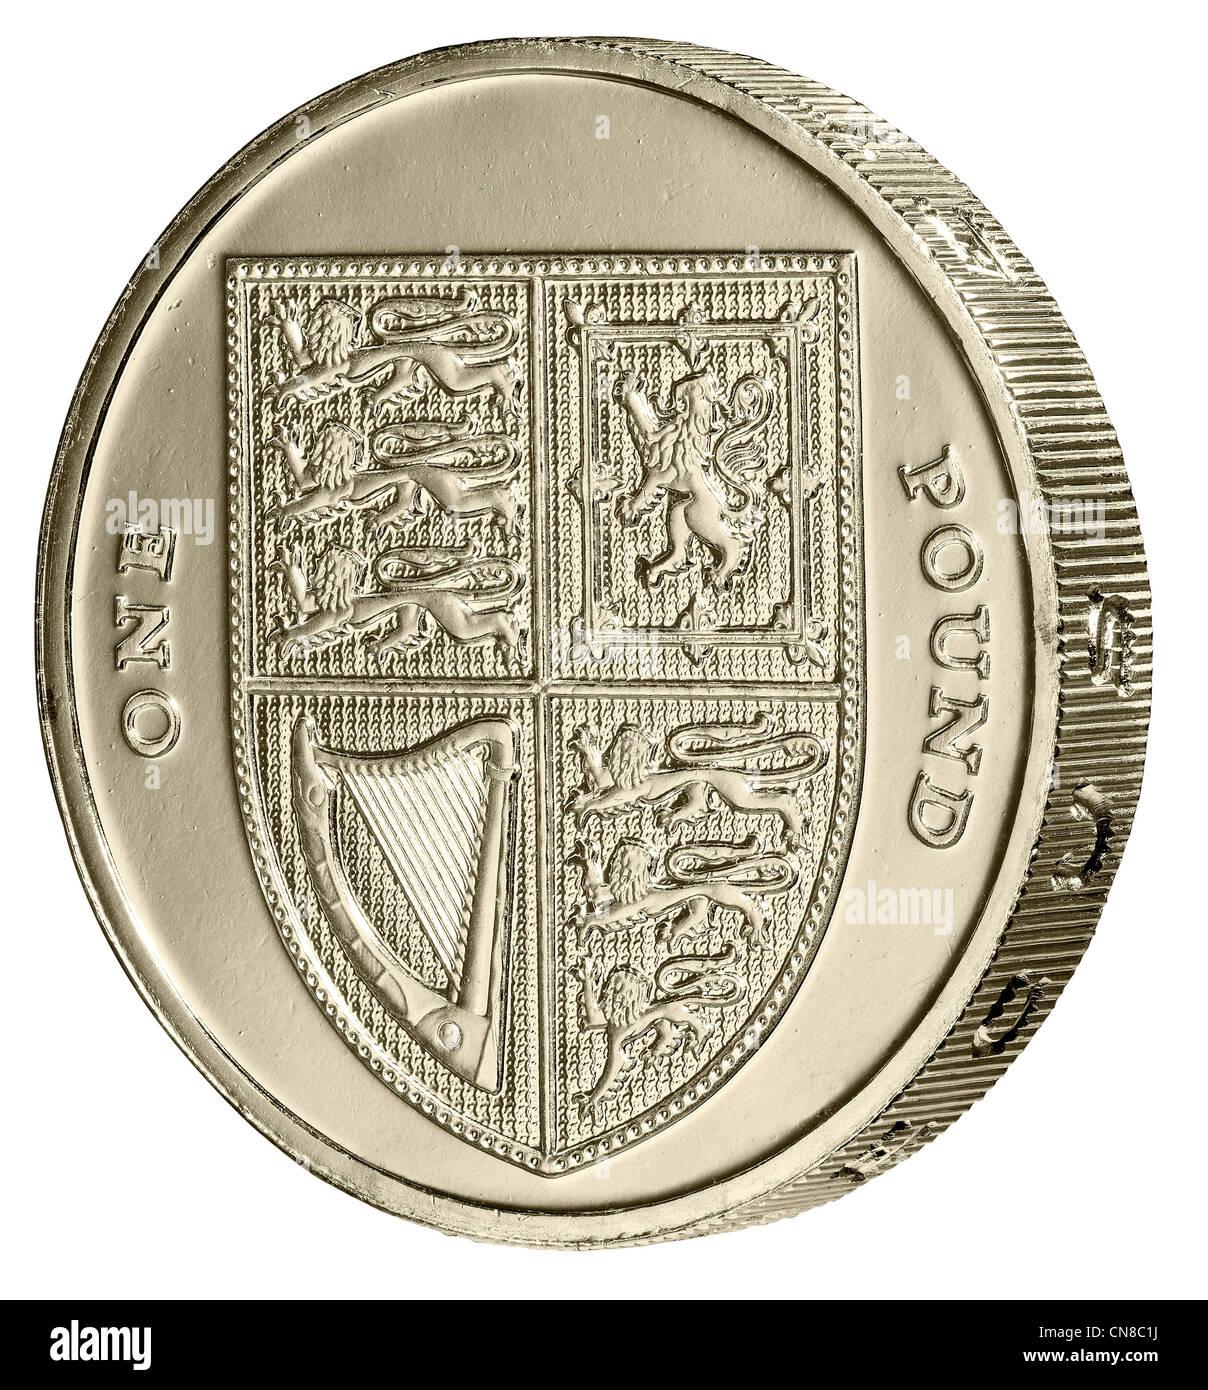 1 Ein Pfund Münze Winkel Schwänzen Auf Der Rückseite Schwänzen